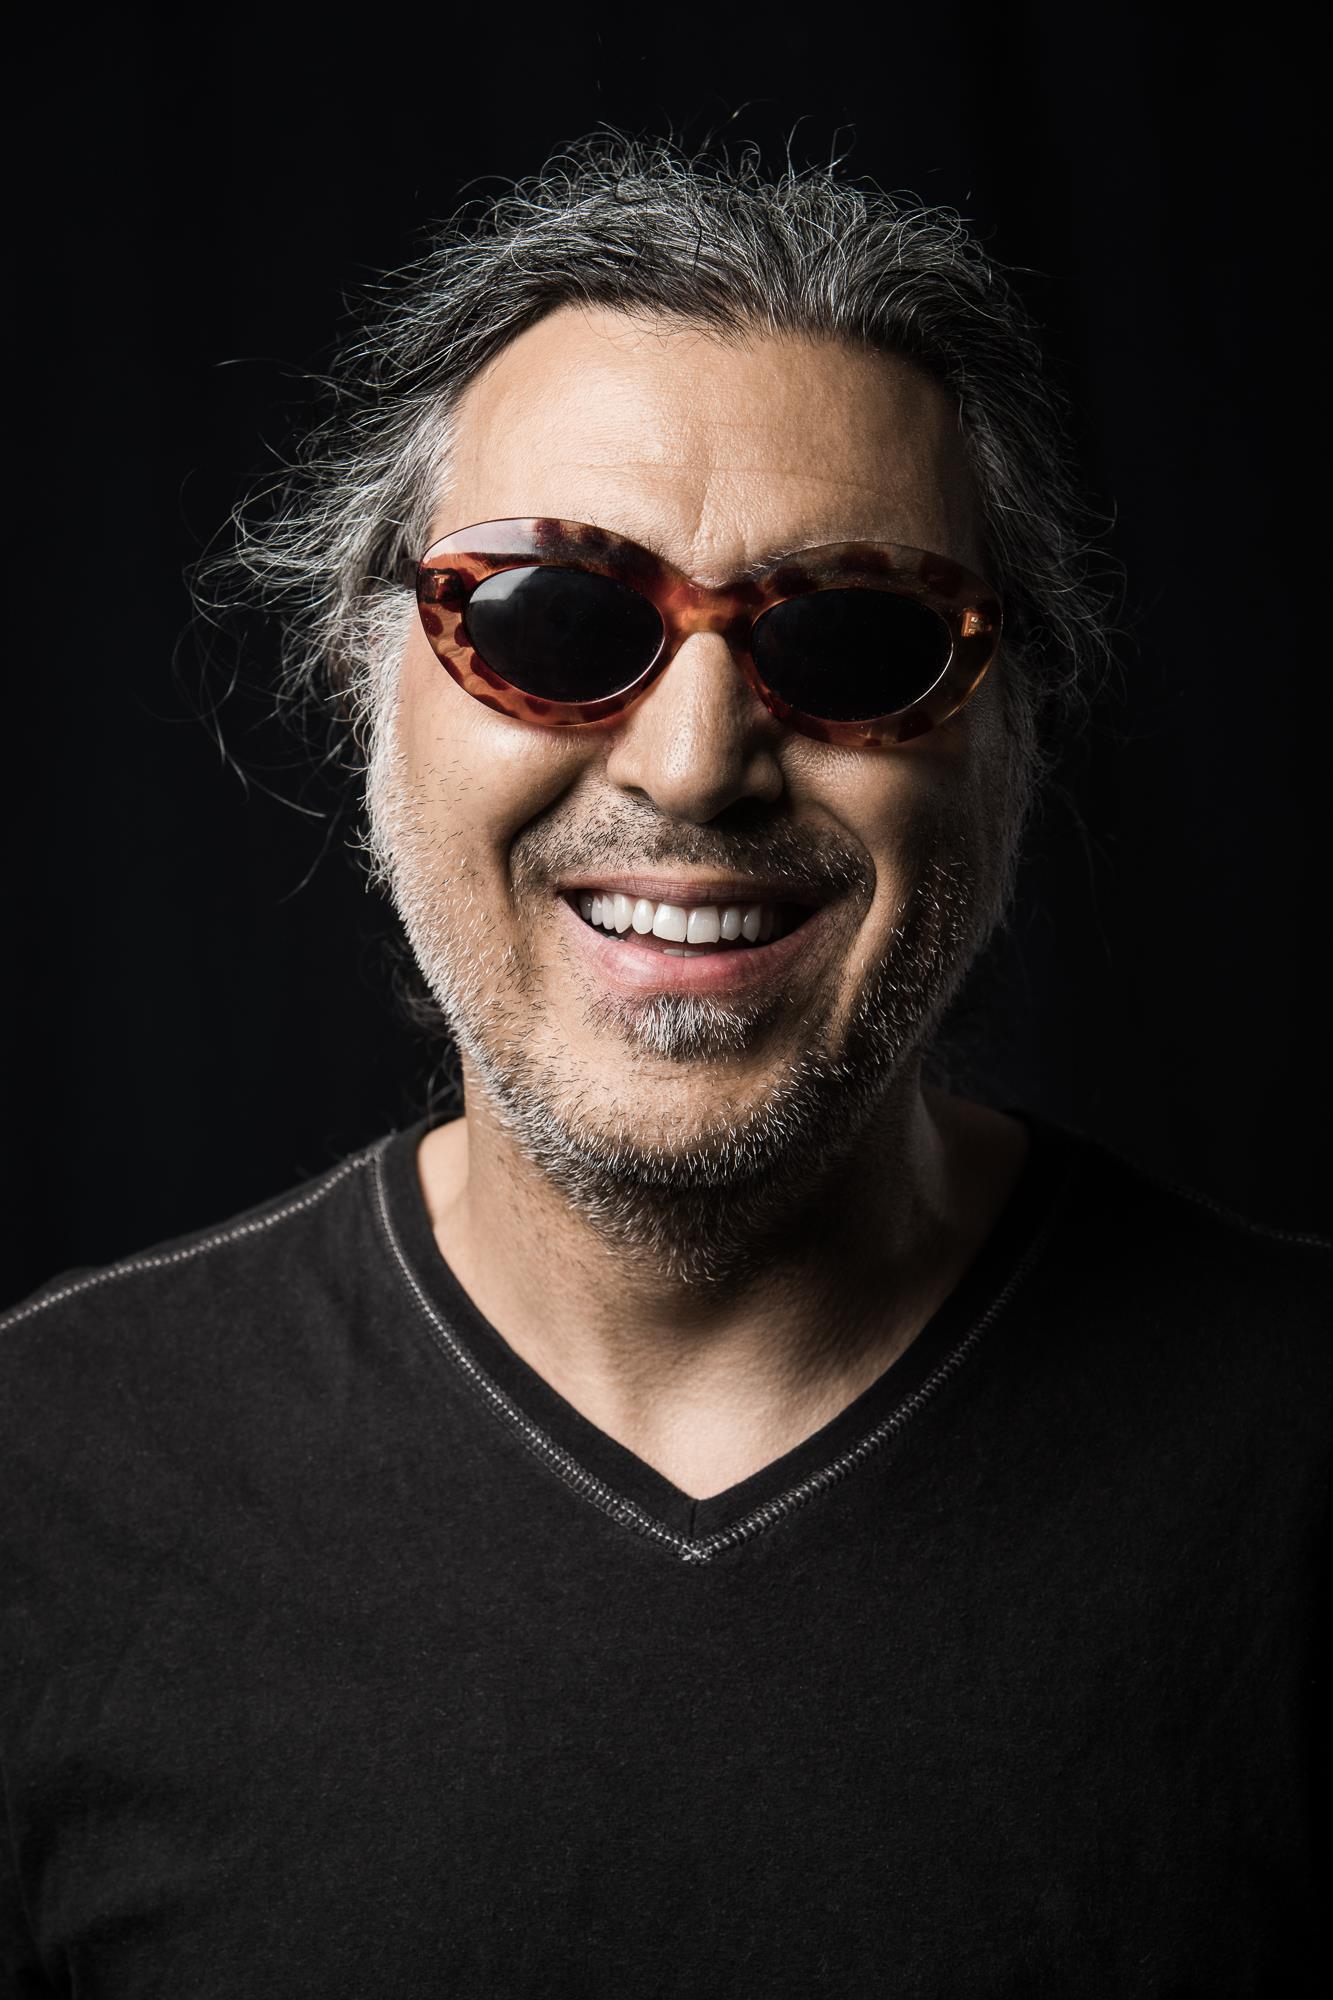 Steve-Sunglasses.jpg